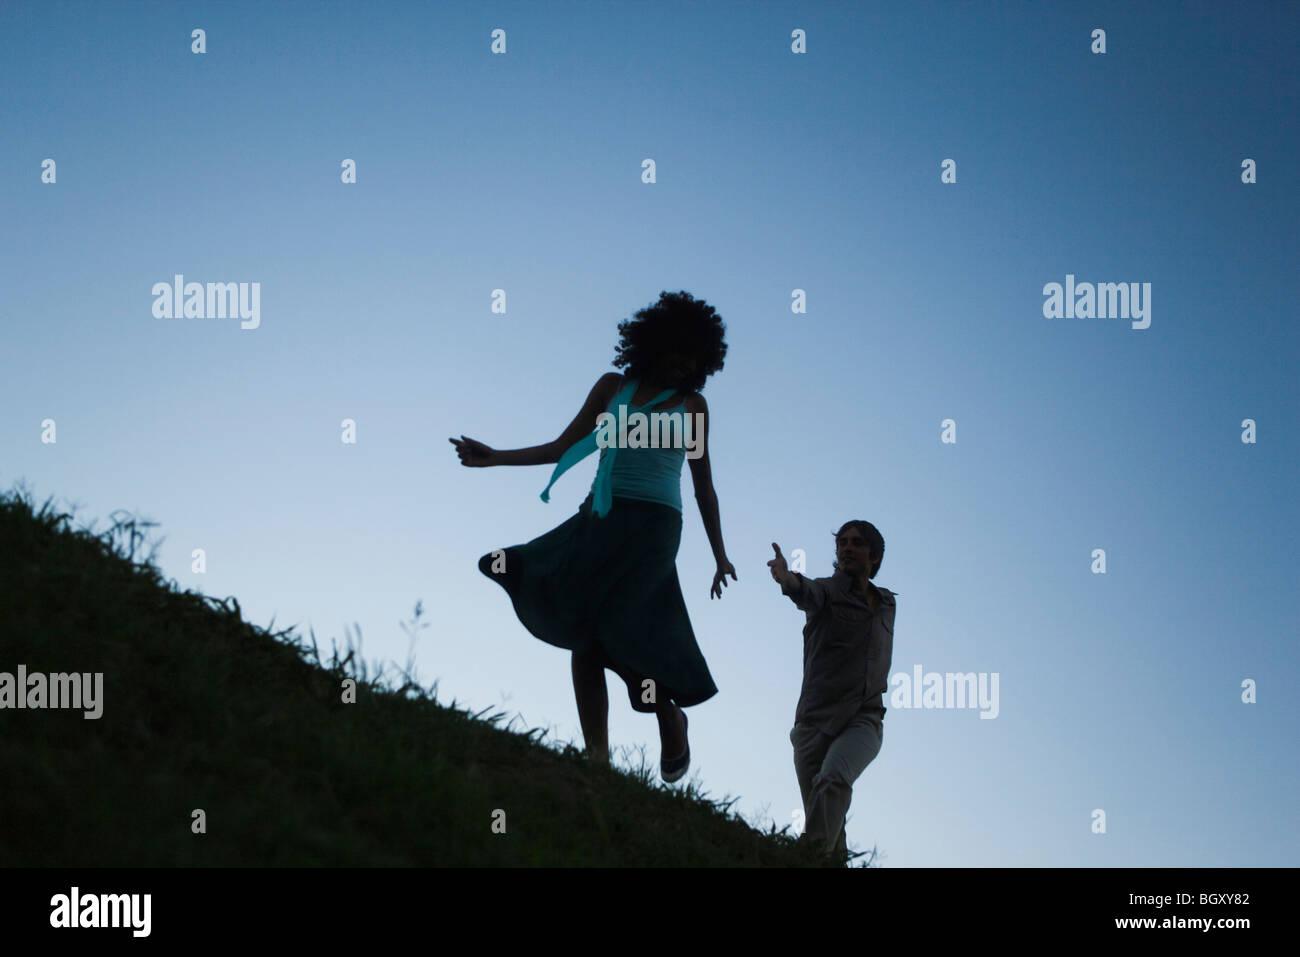 Giovane donna scherzosamente di scappare da uomo in esercizio Foto Stock